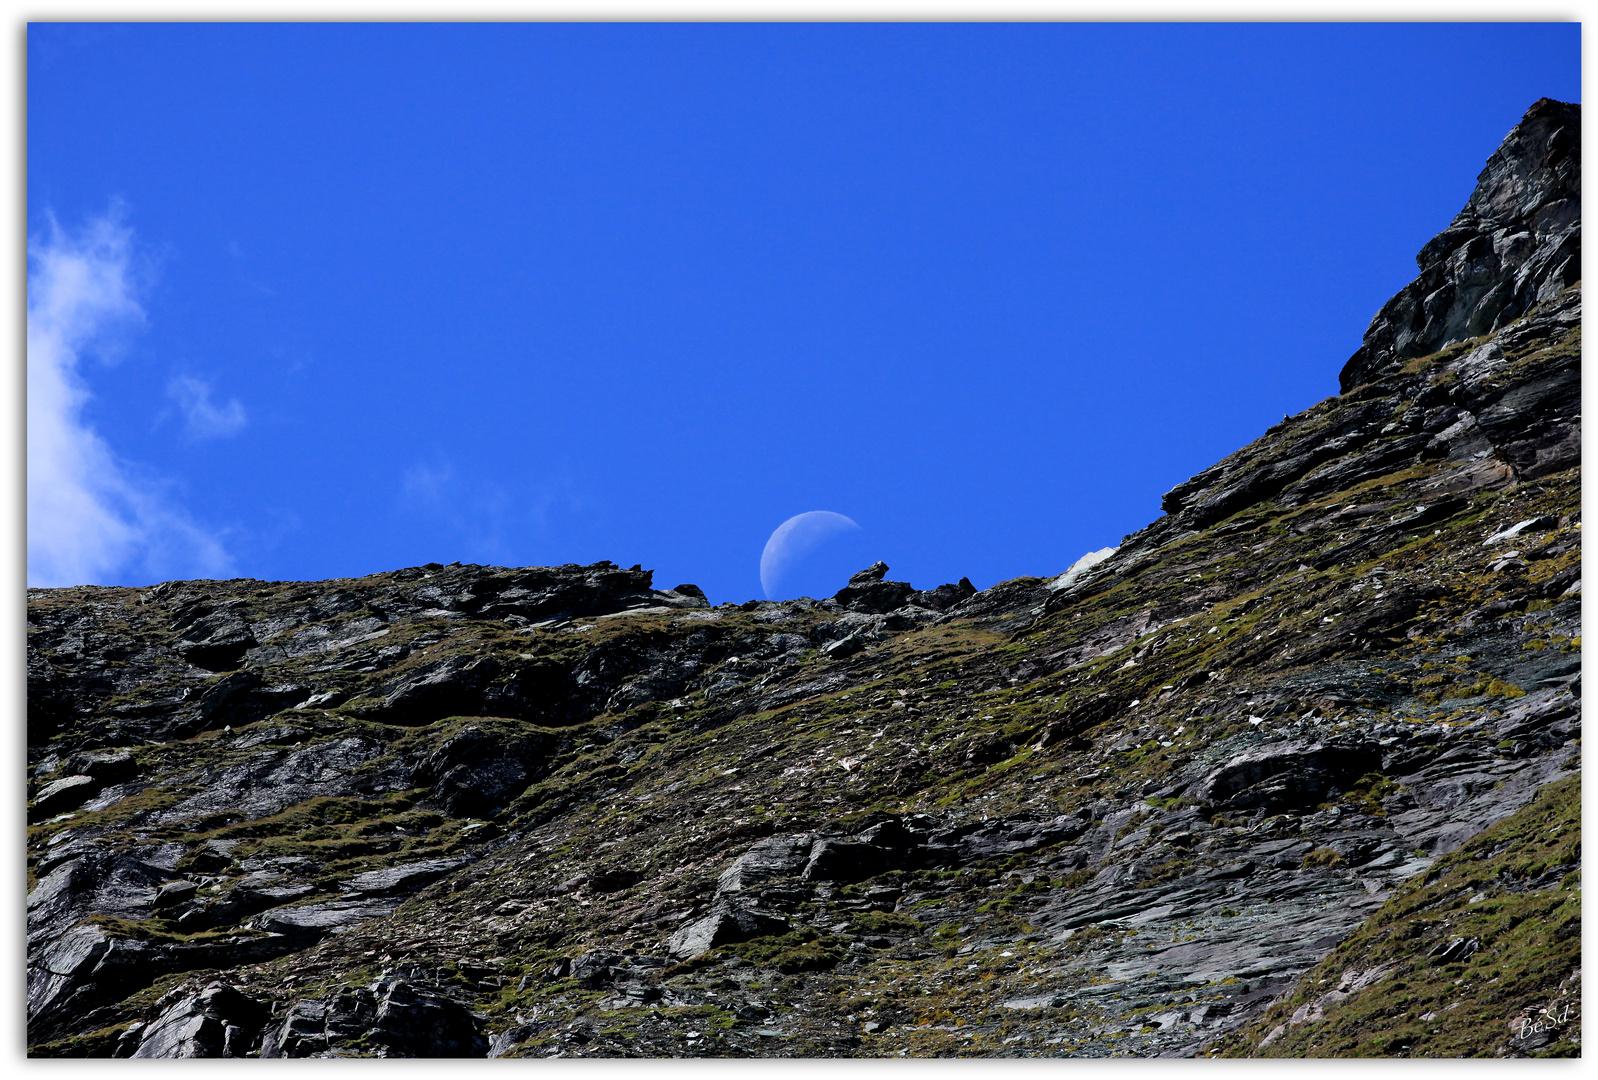 zum Mond zu Fuß